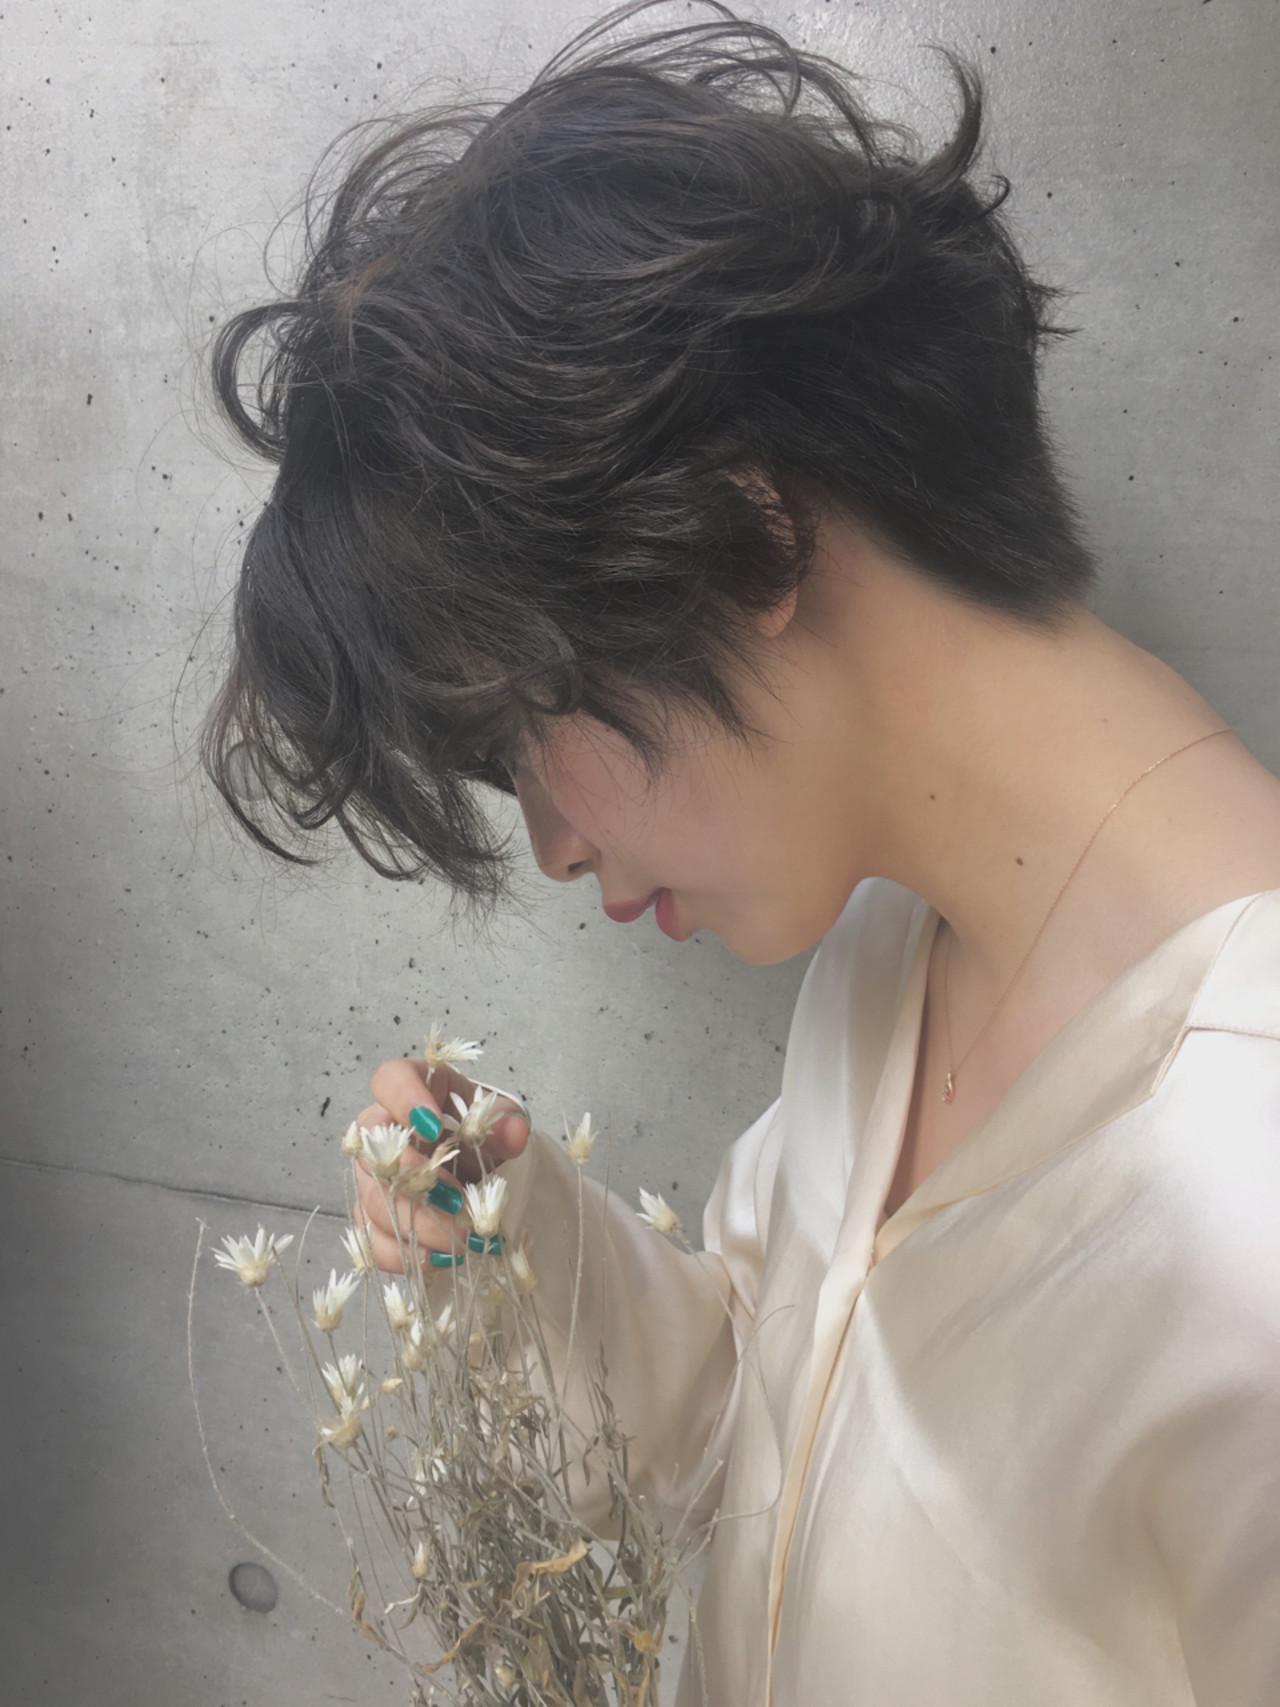 フリンジバング 前髪あり パーマ ナチュラル ヘアスタイルや髪型の写真・画像 | 井上 彩 / Luxe